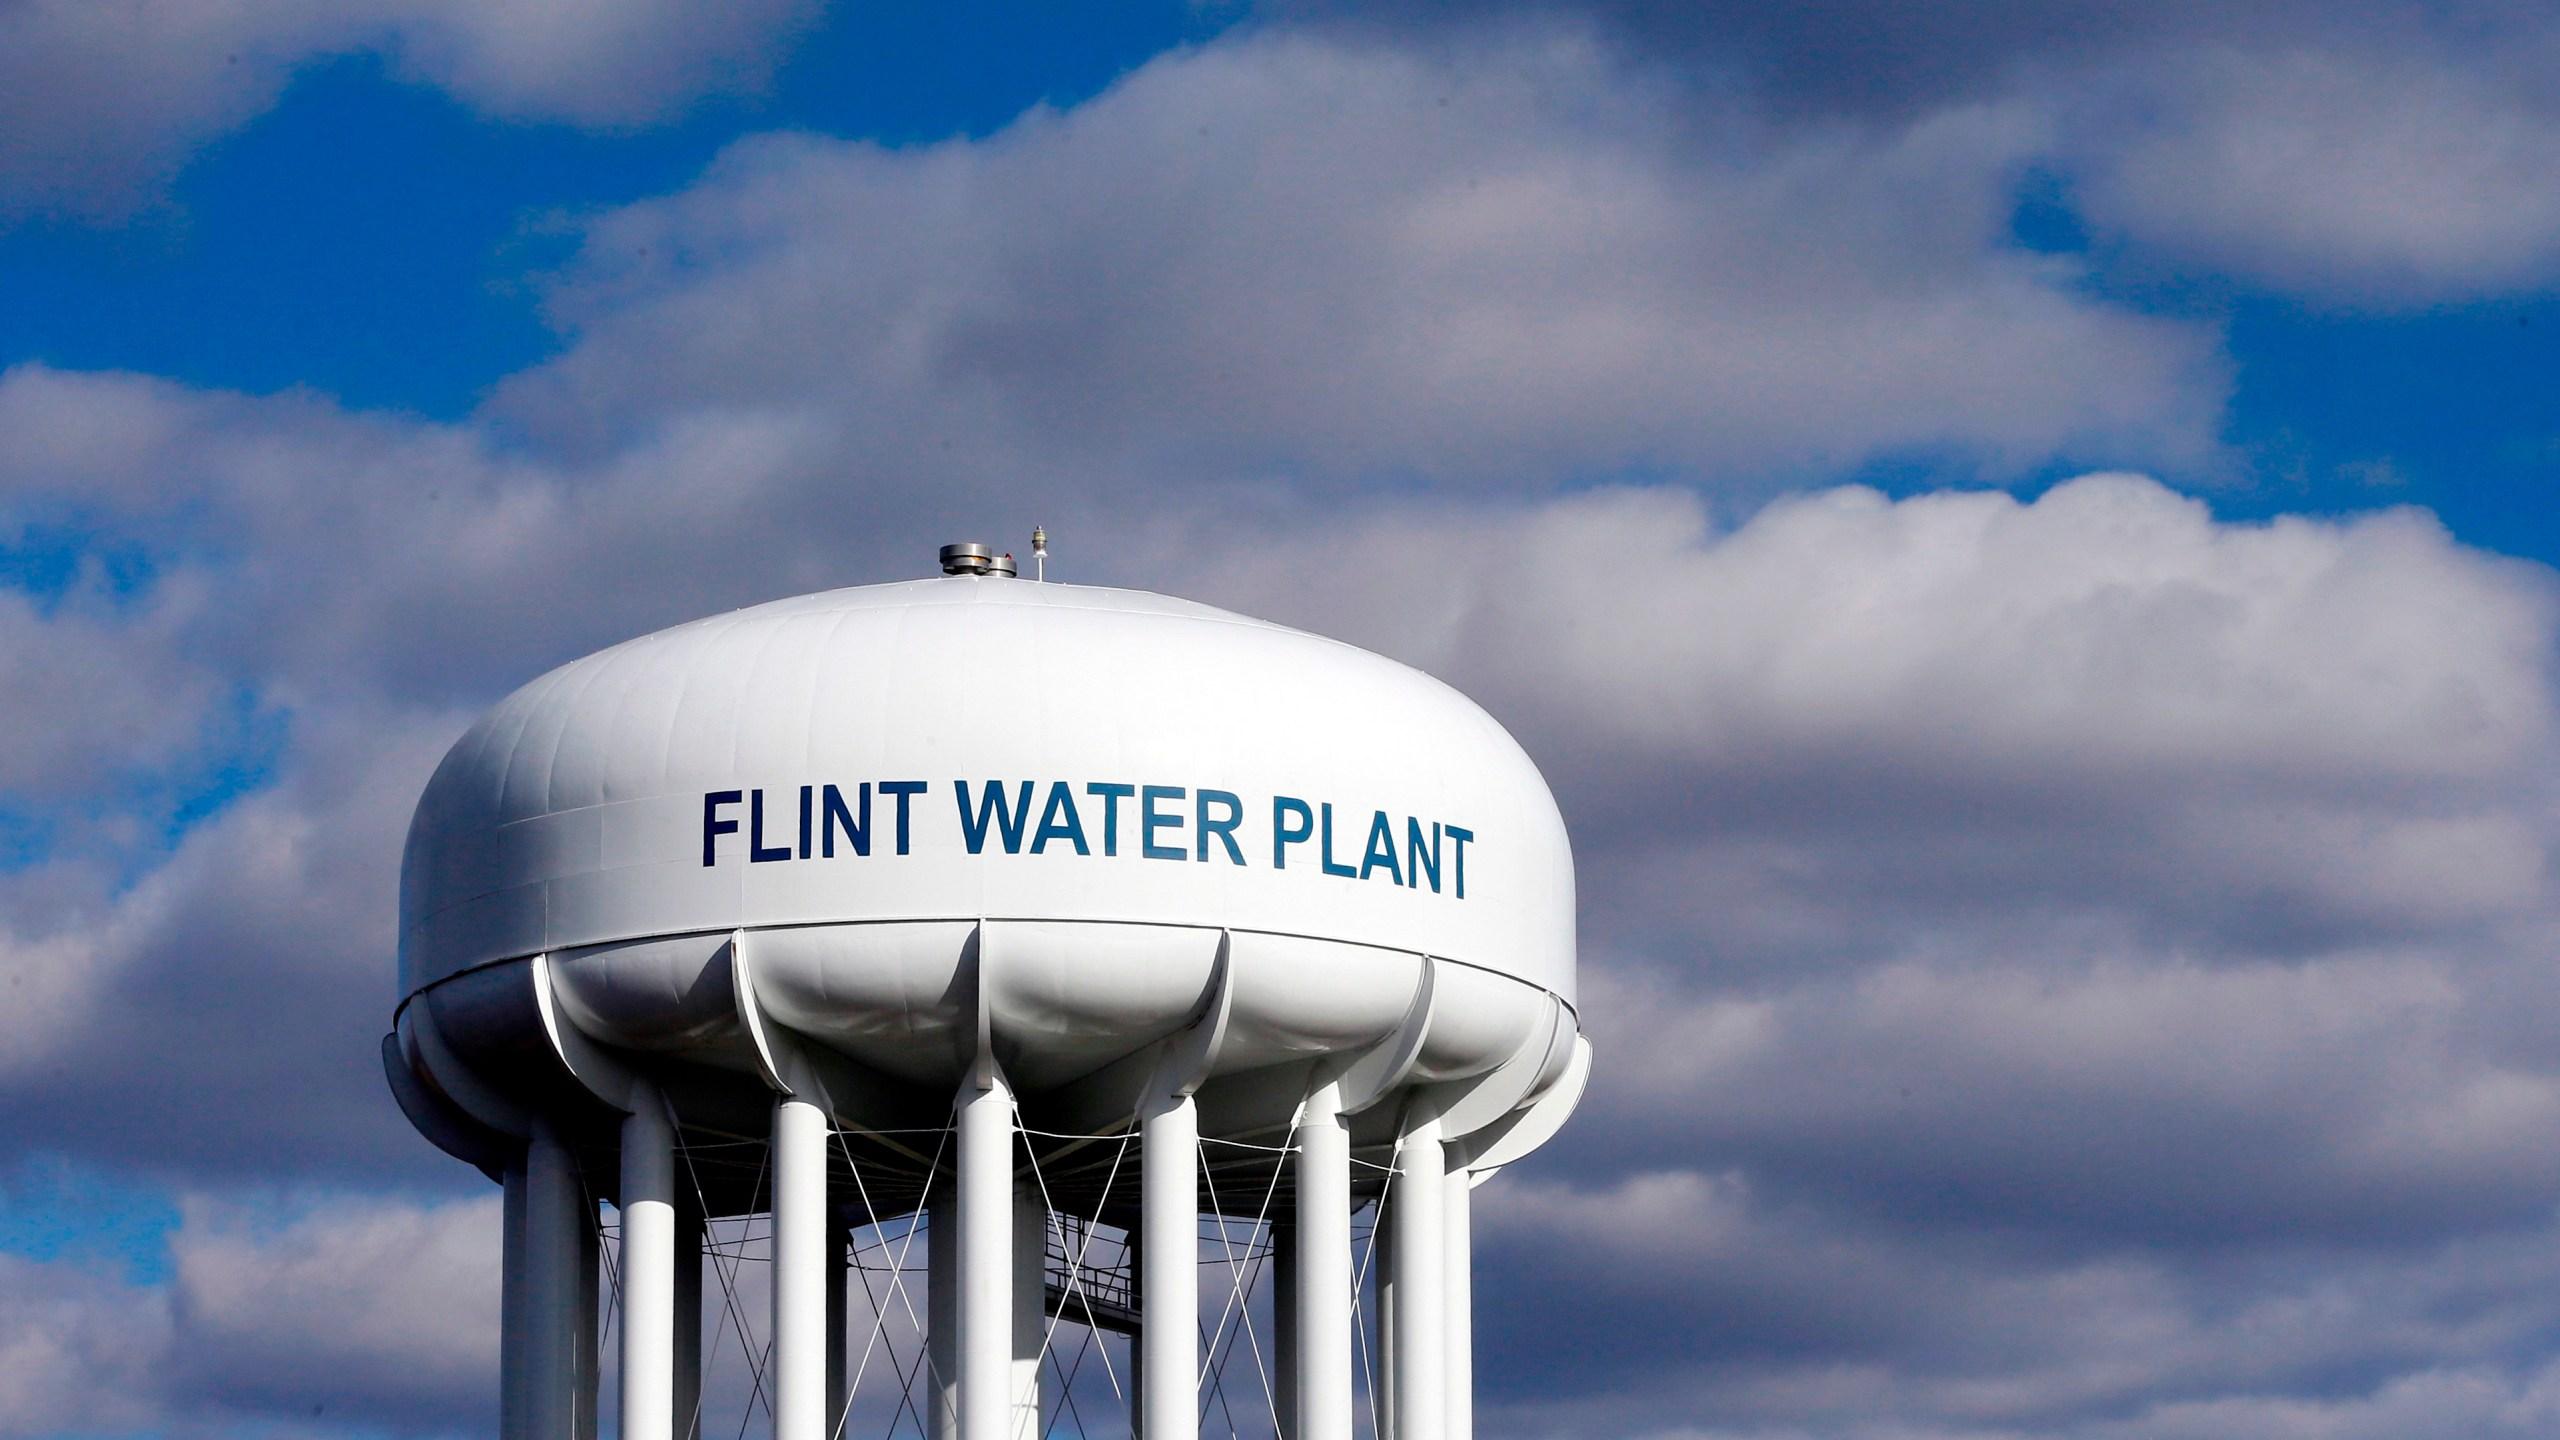 Flint_Water_76462-159532.jpg20931695